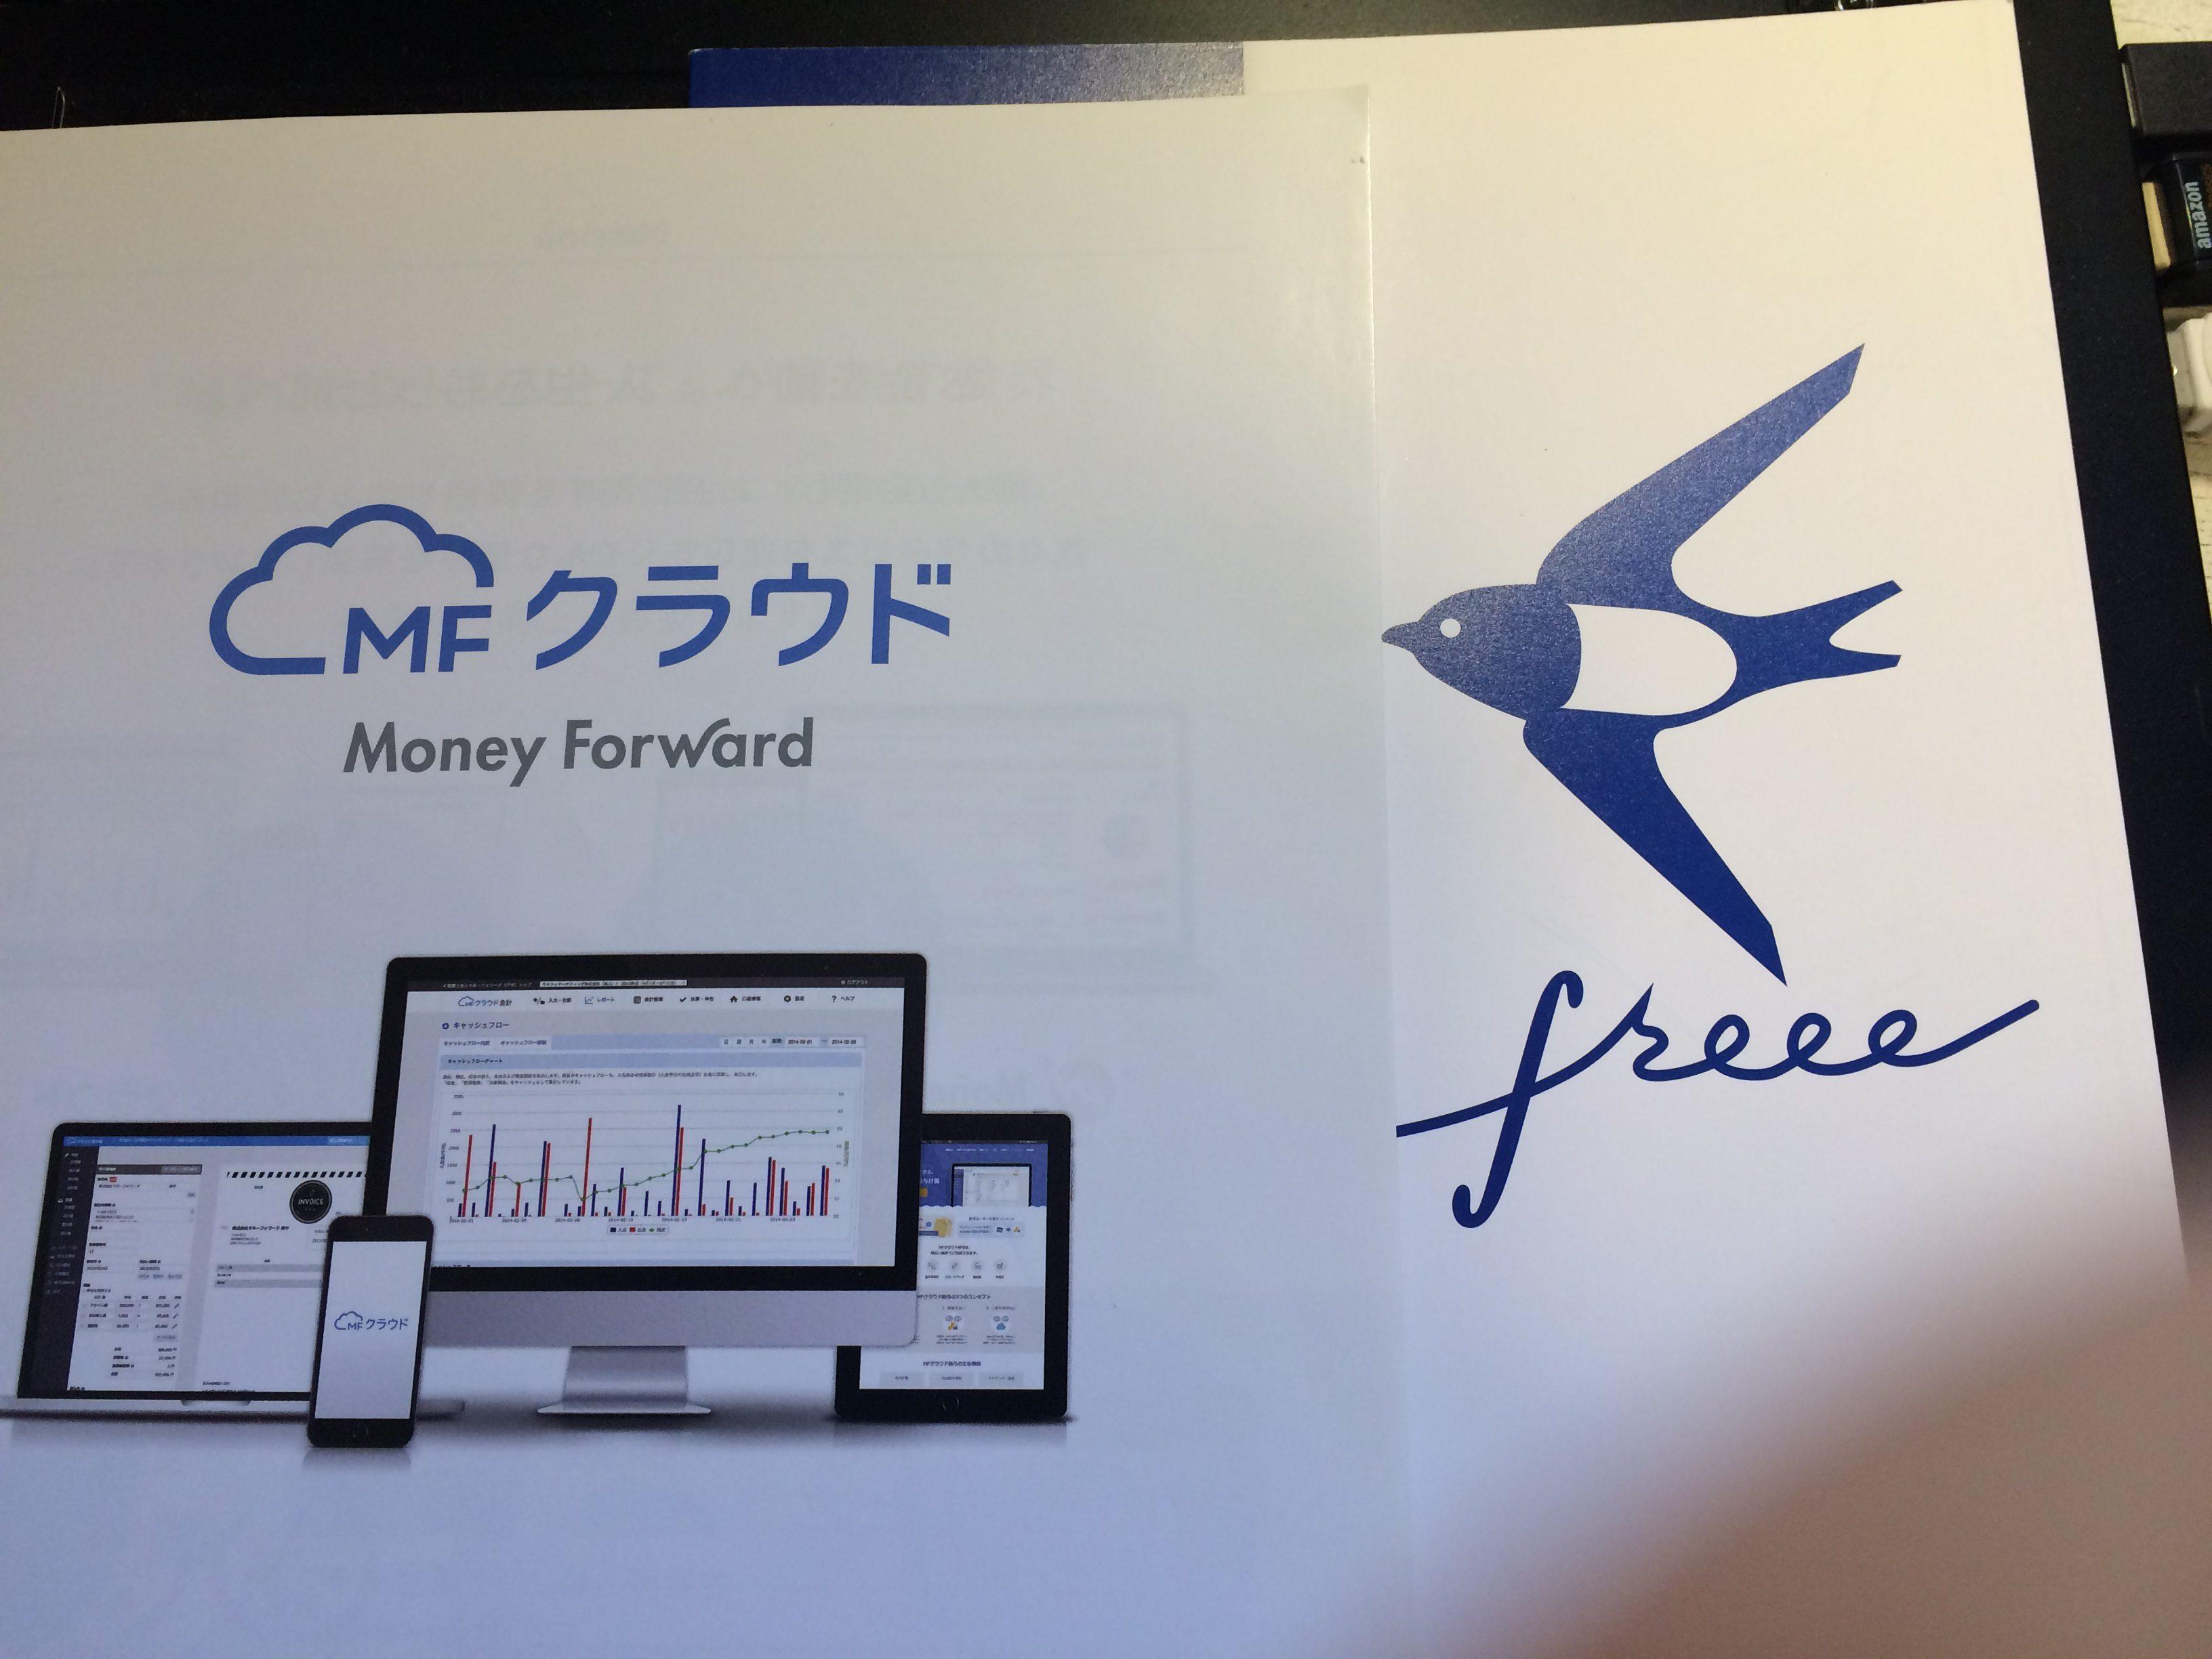 [お知らせ]クラウド会計の記事を当ブログより事務所HPへ移動しました